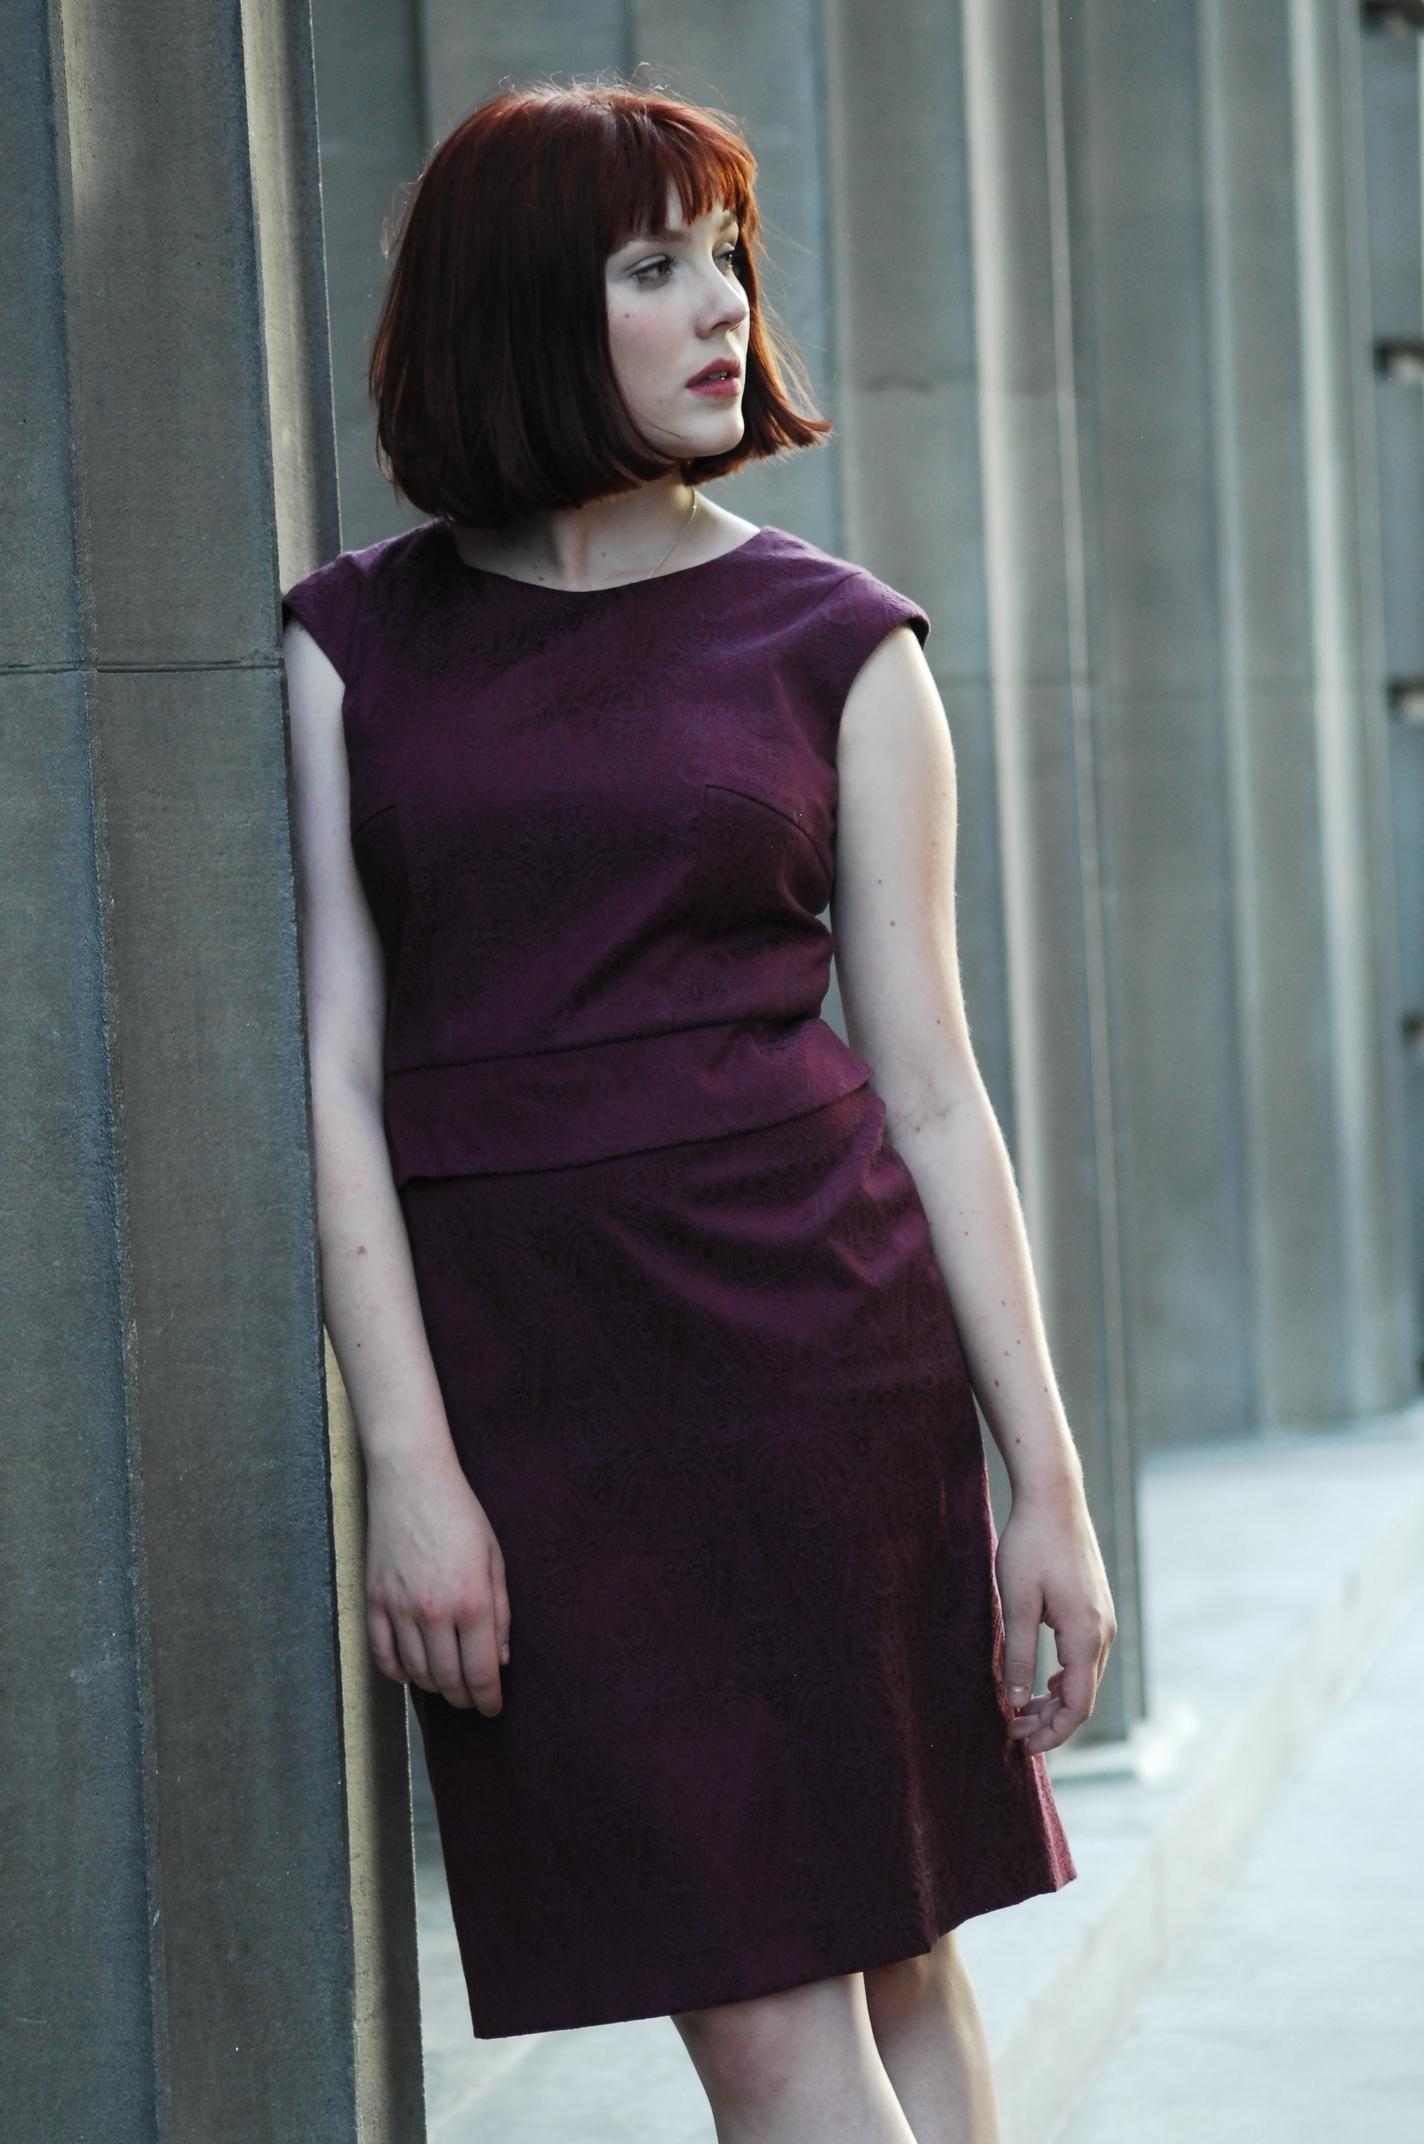 Rich garnet dress